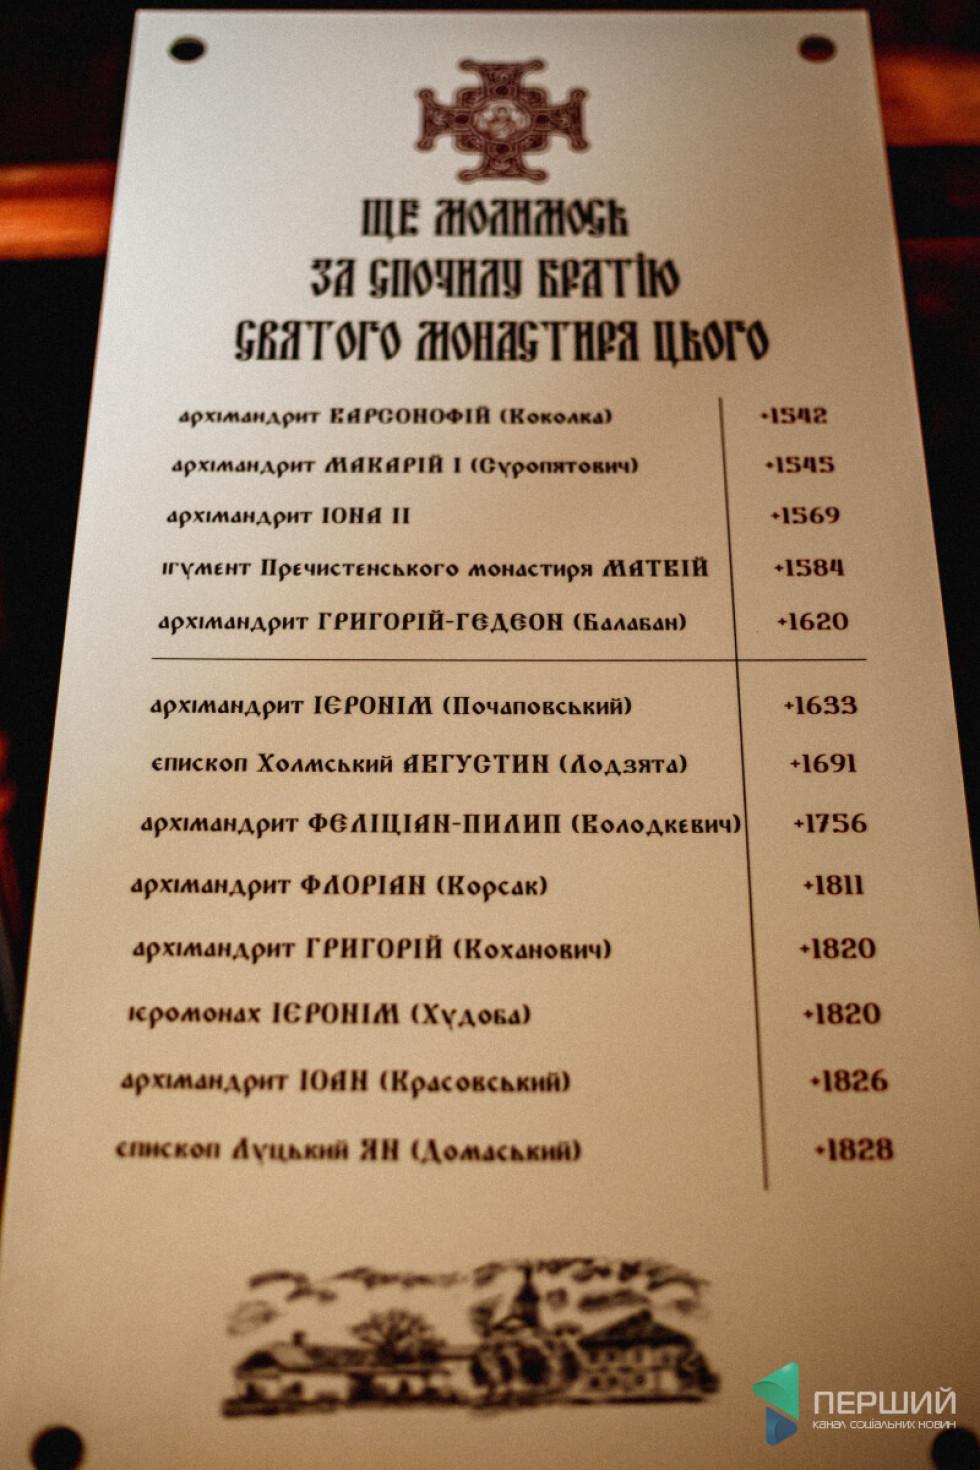 Перелік тих священнослужителів, які померли у Жидичині. Але не доведено, що вони тут поховані